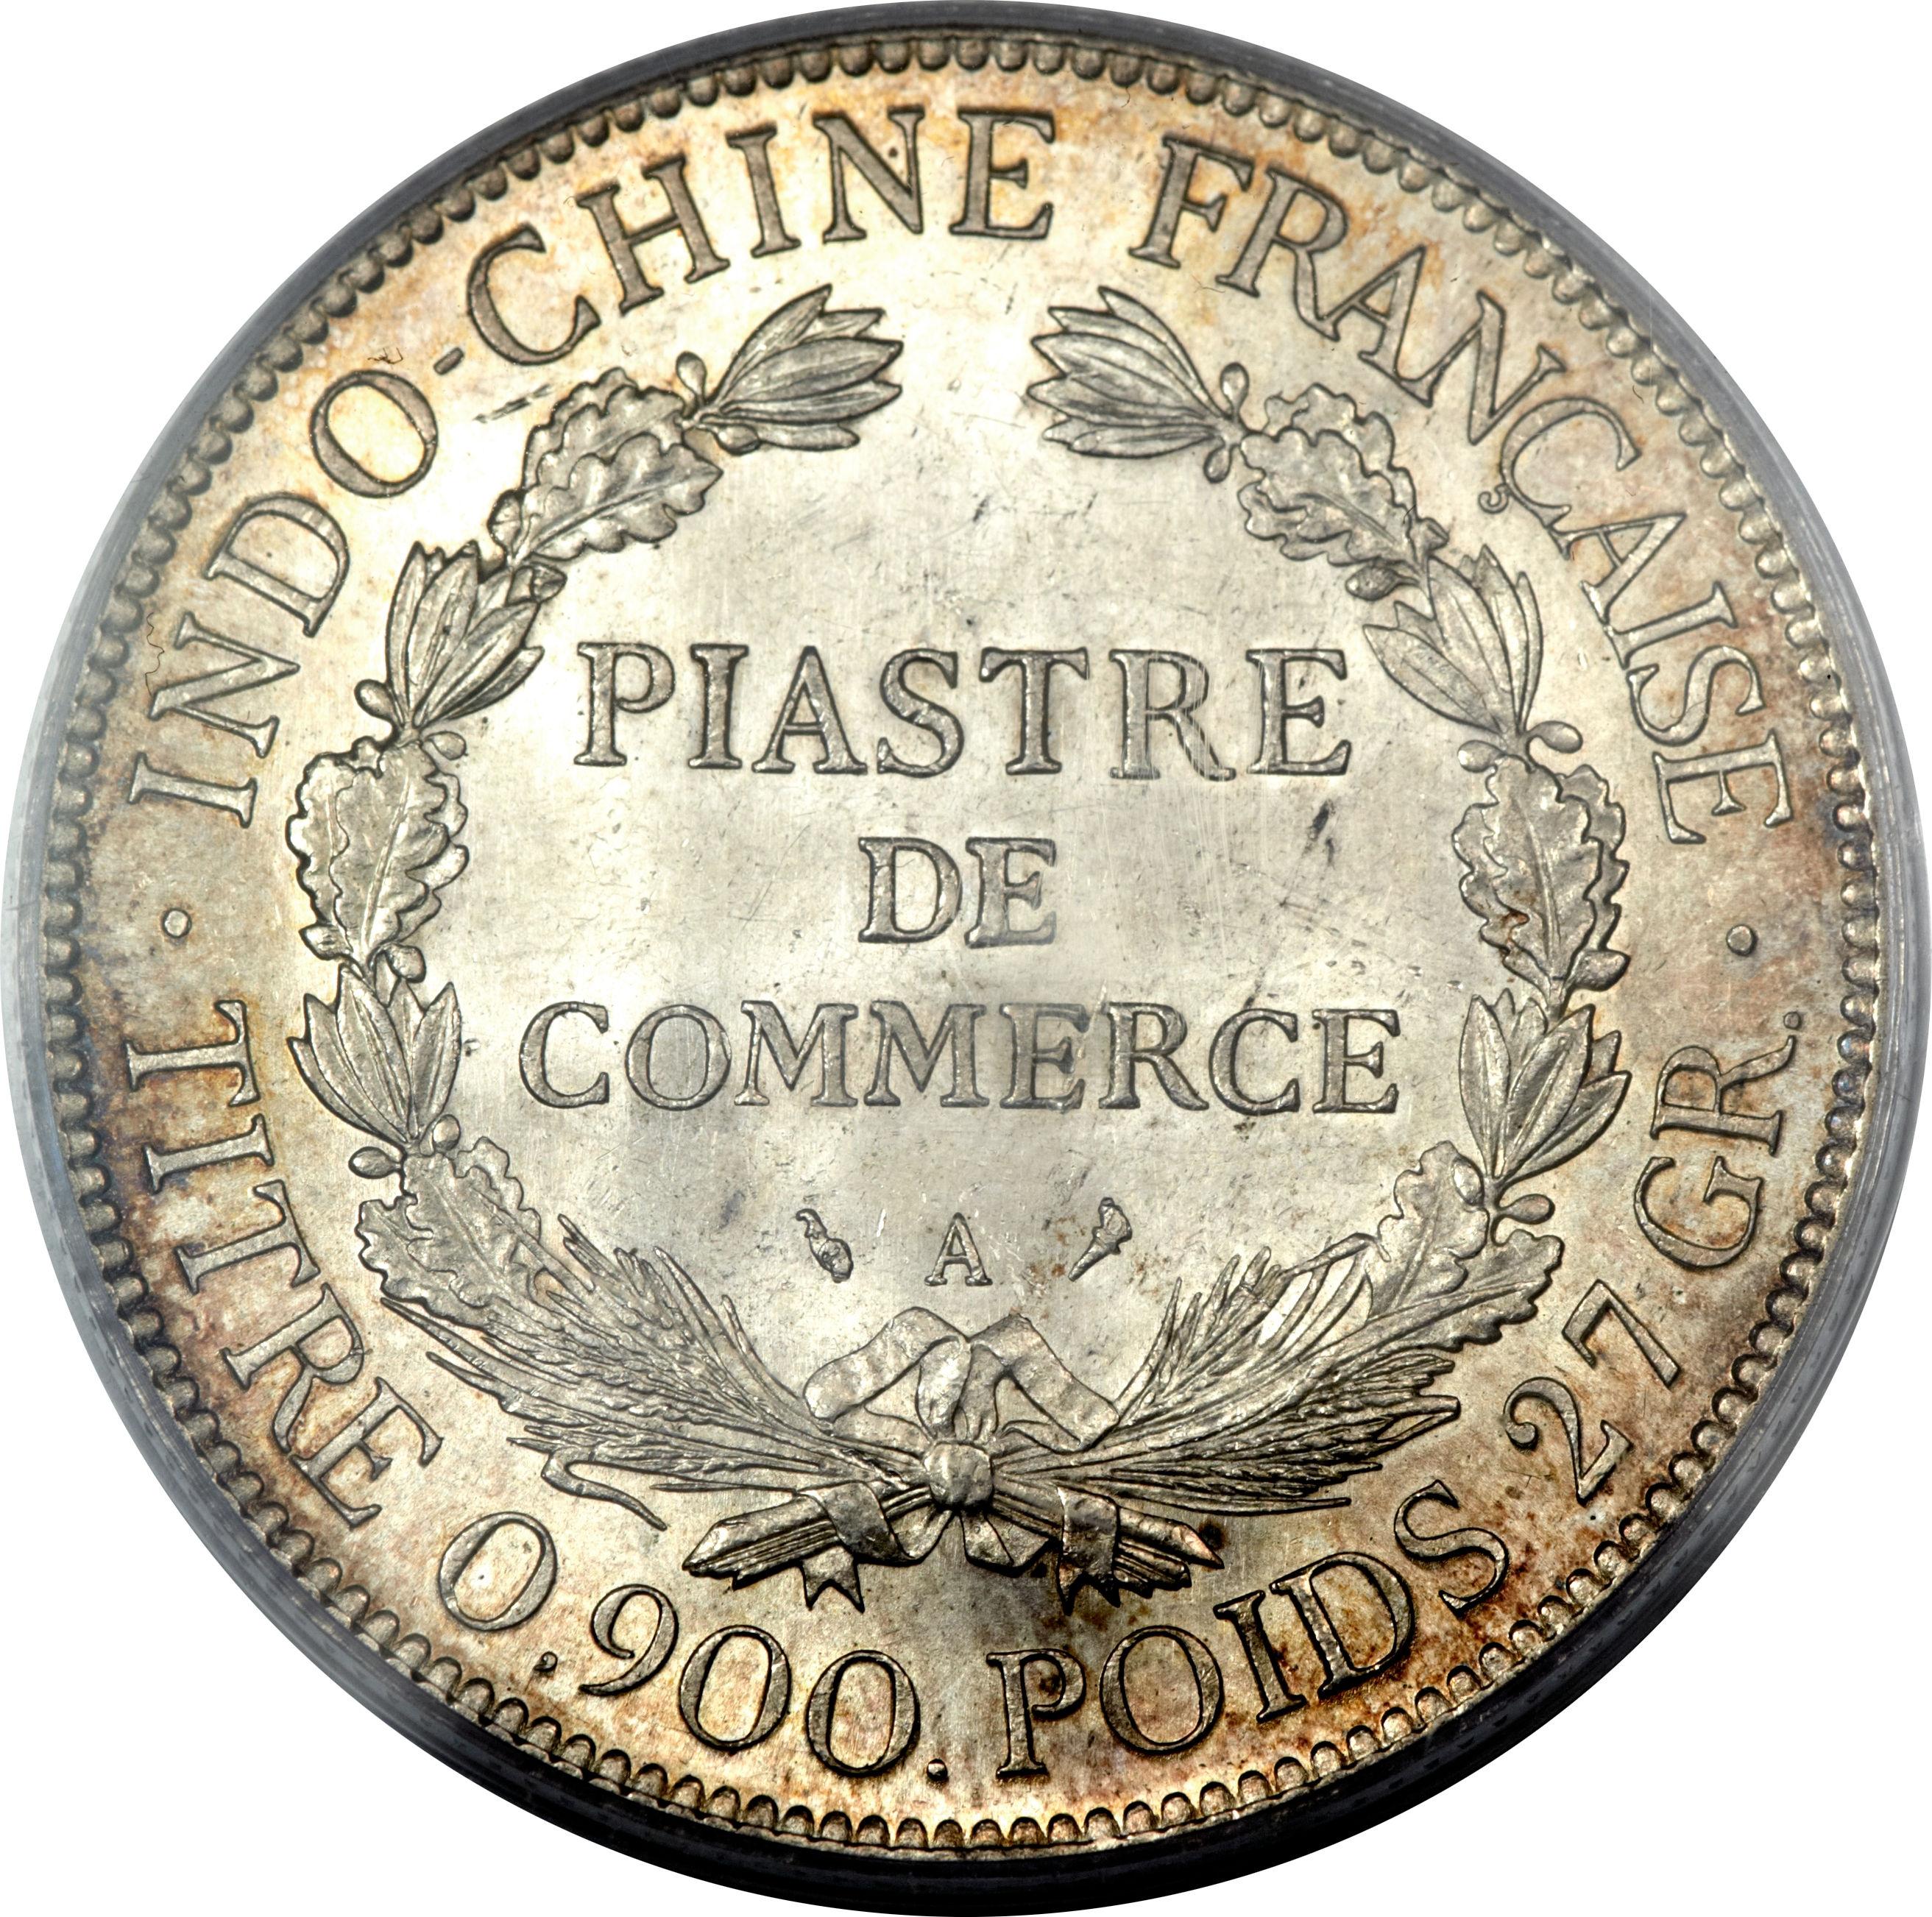 INDO-CHINE FRANCAISE ·PIASTRE DE COMMERCEATITRE 0,900. POIDS 27 GR ...